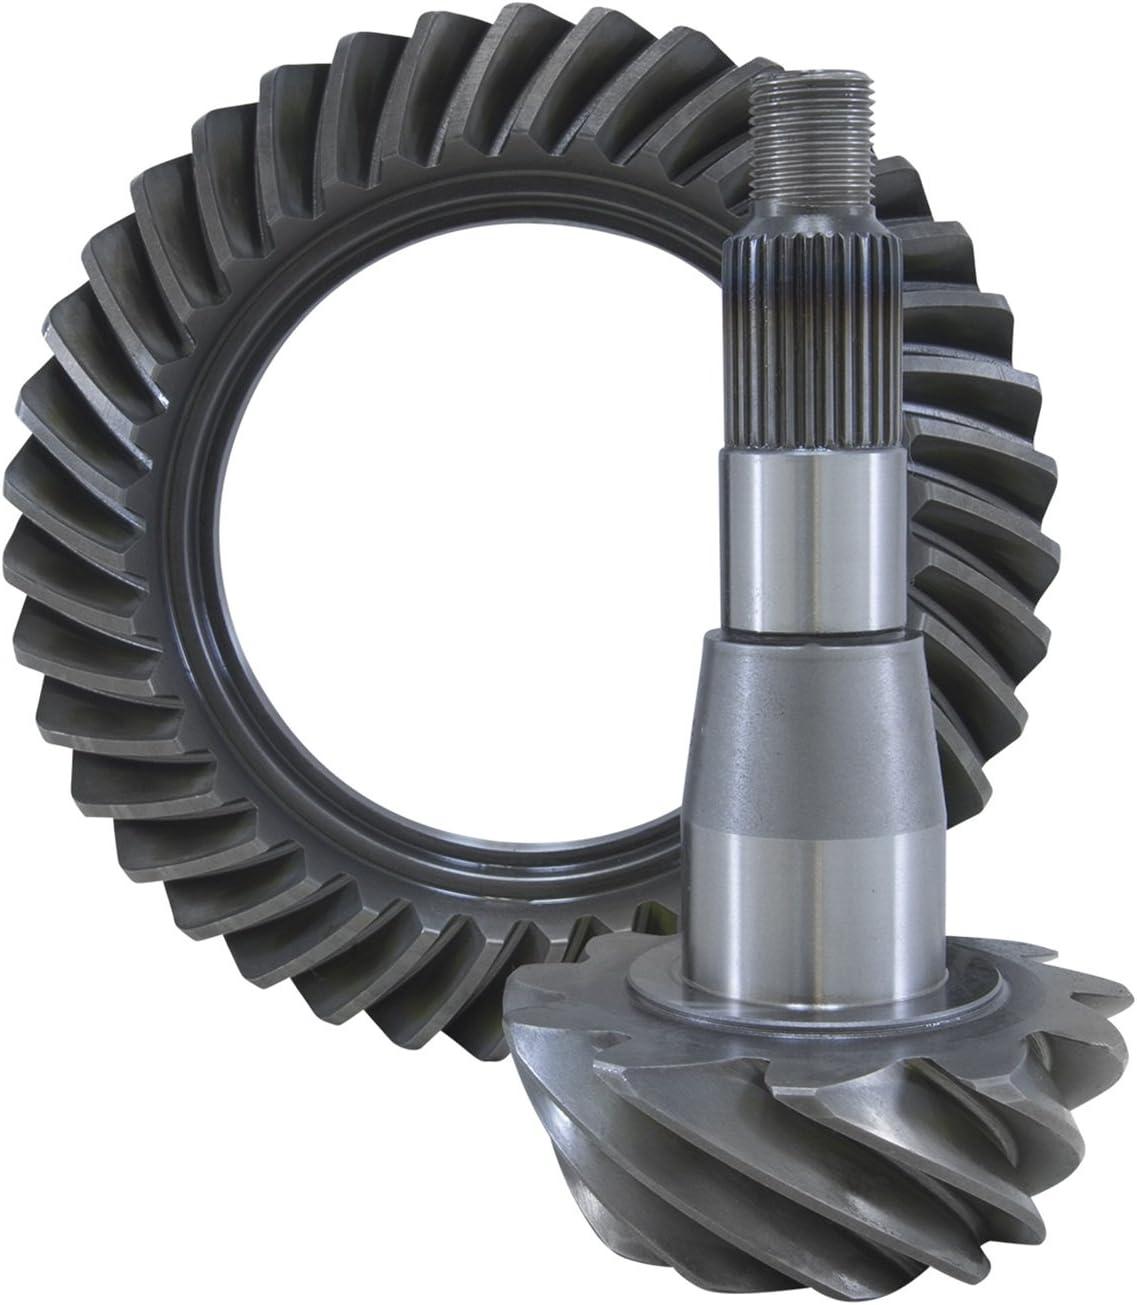 Yukon Gear YG D44HD-488K Ring /& Pinion Gear Set for Dana 44-HD Differential 4.88 ratio